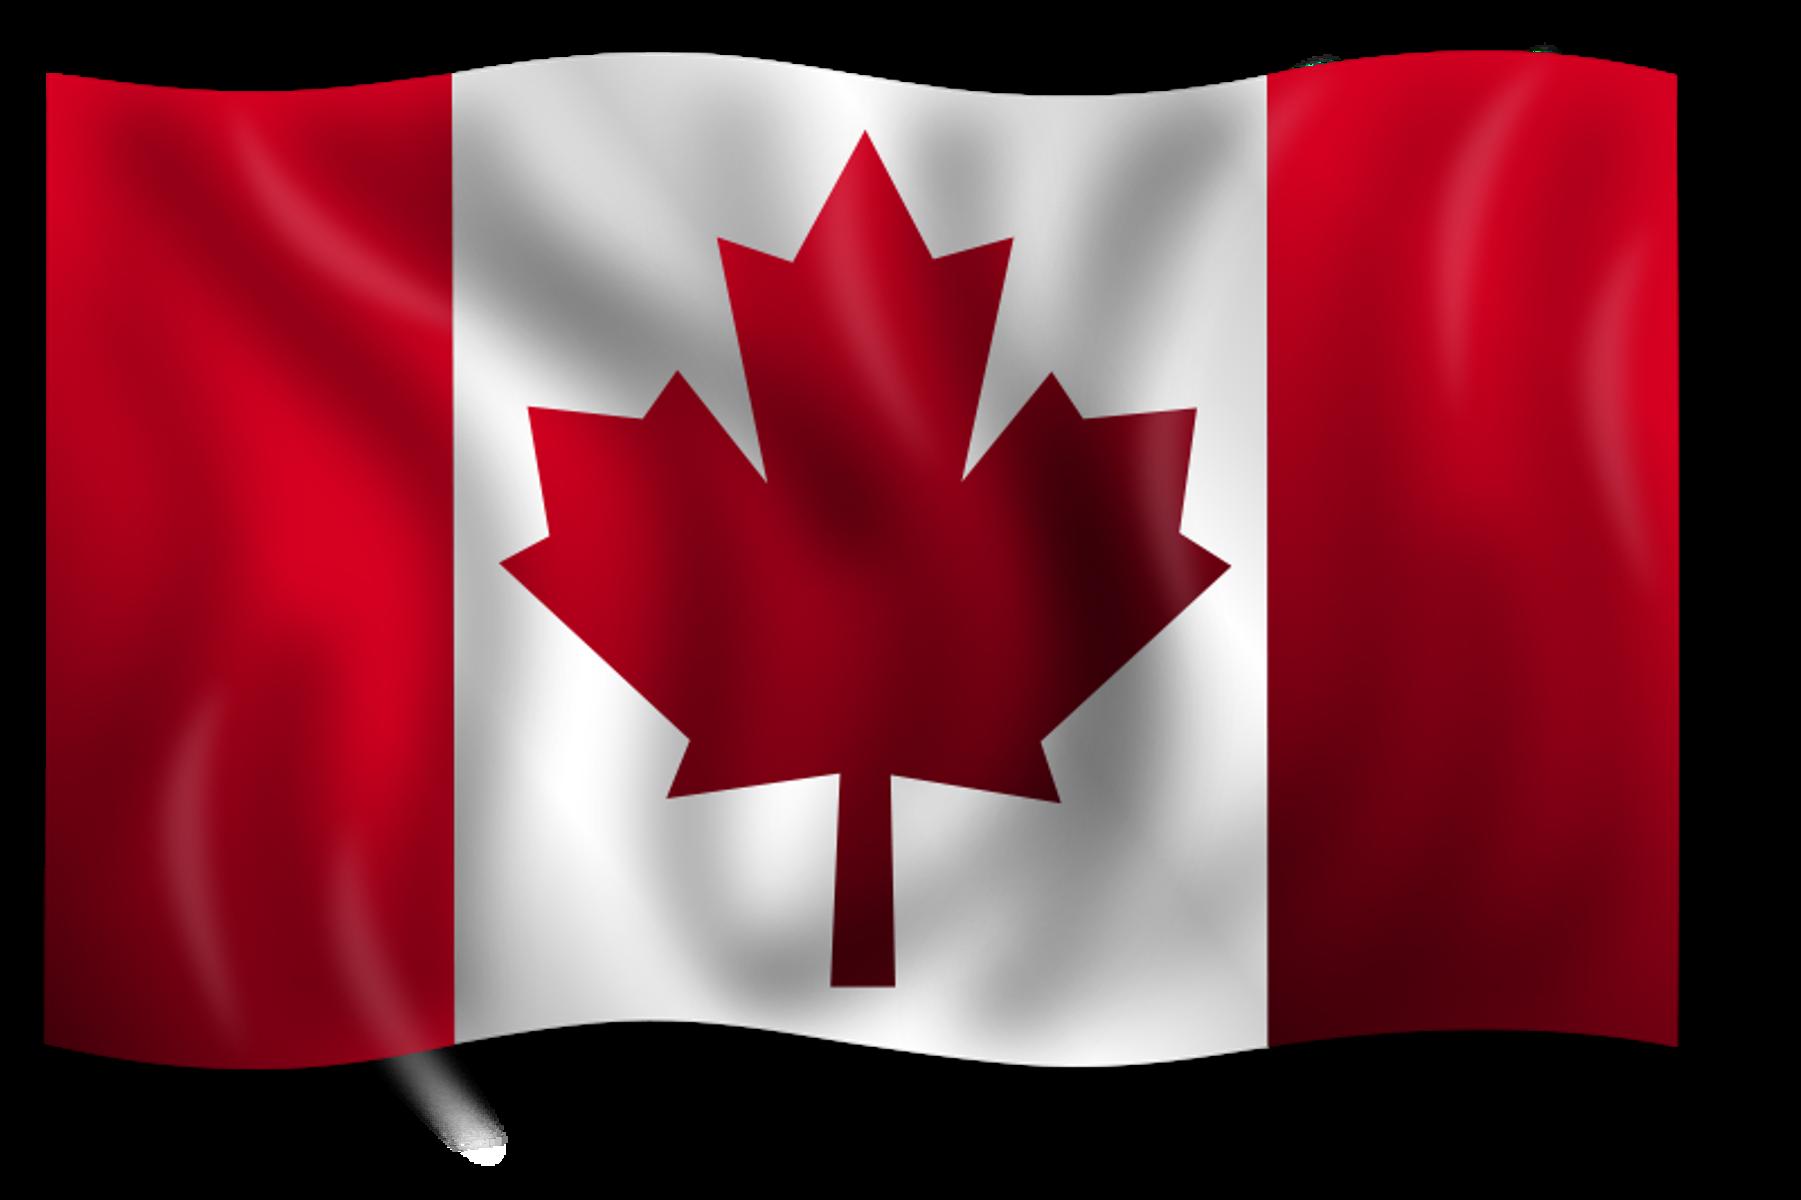 Canada Flag Wallpaper 3d Flag Wallpapers Hd Happy Canada Day Canada Flag Canada Day